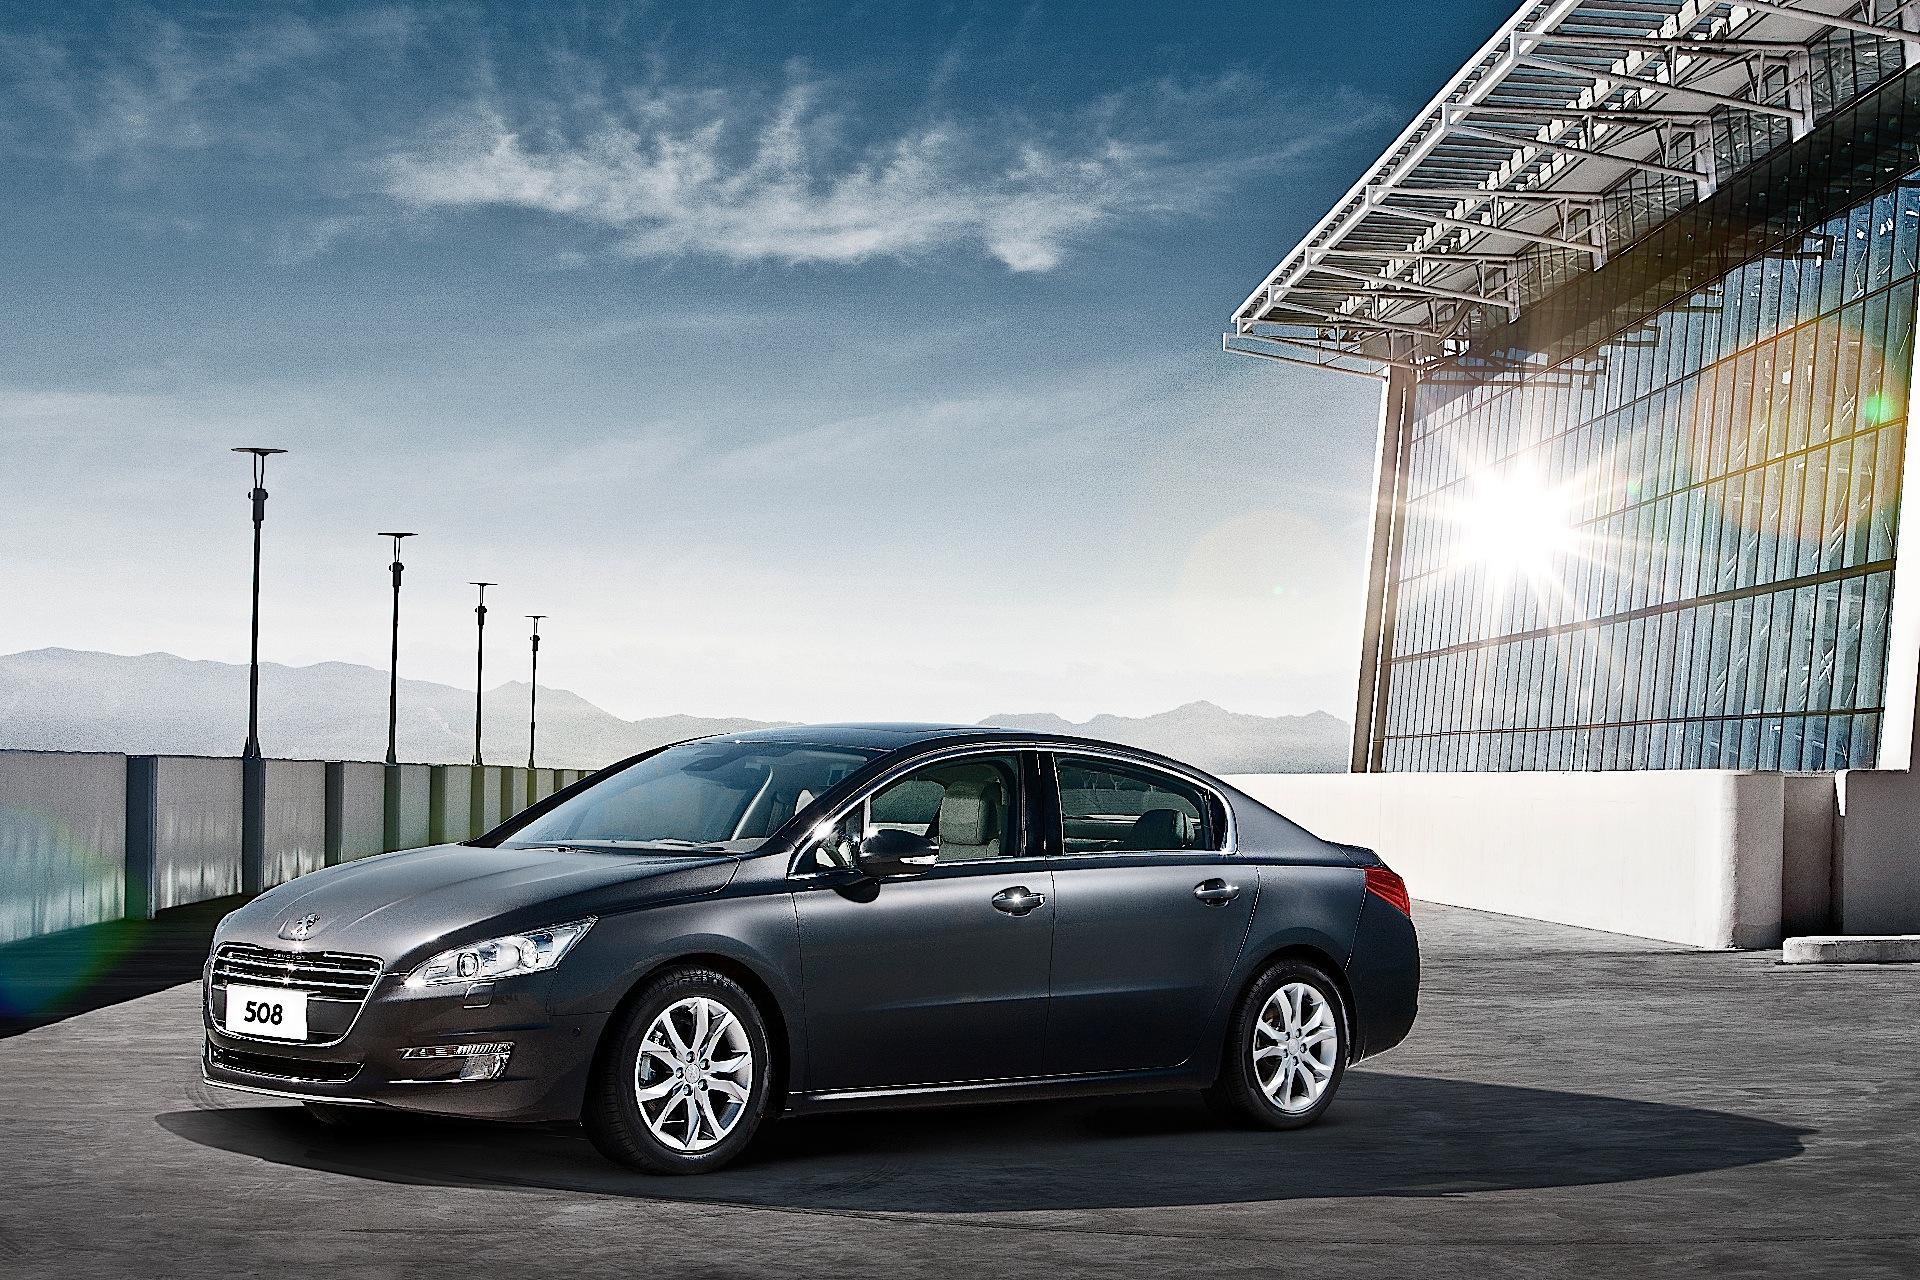 Green Auto Sales >> PEUGEOT 508 Berline - 2010, 2011, 2012, 2013, 2014 ...